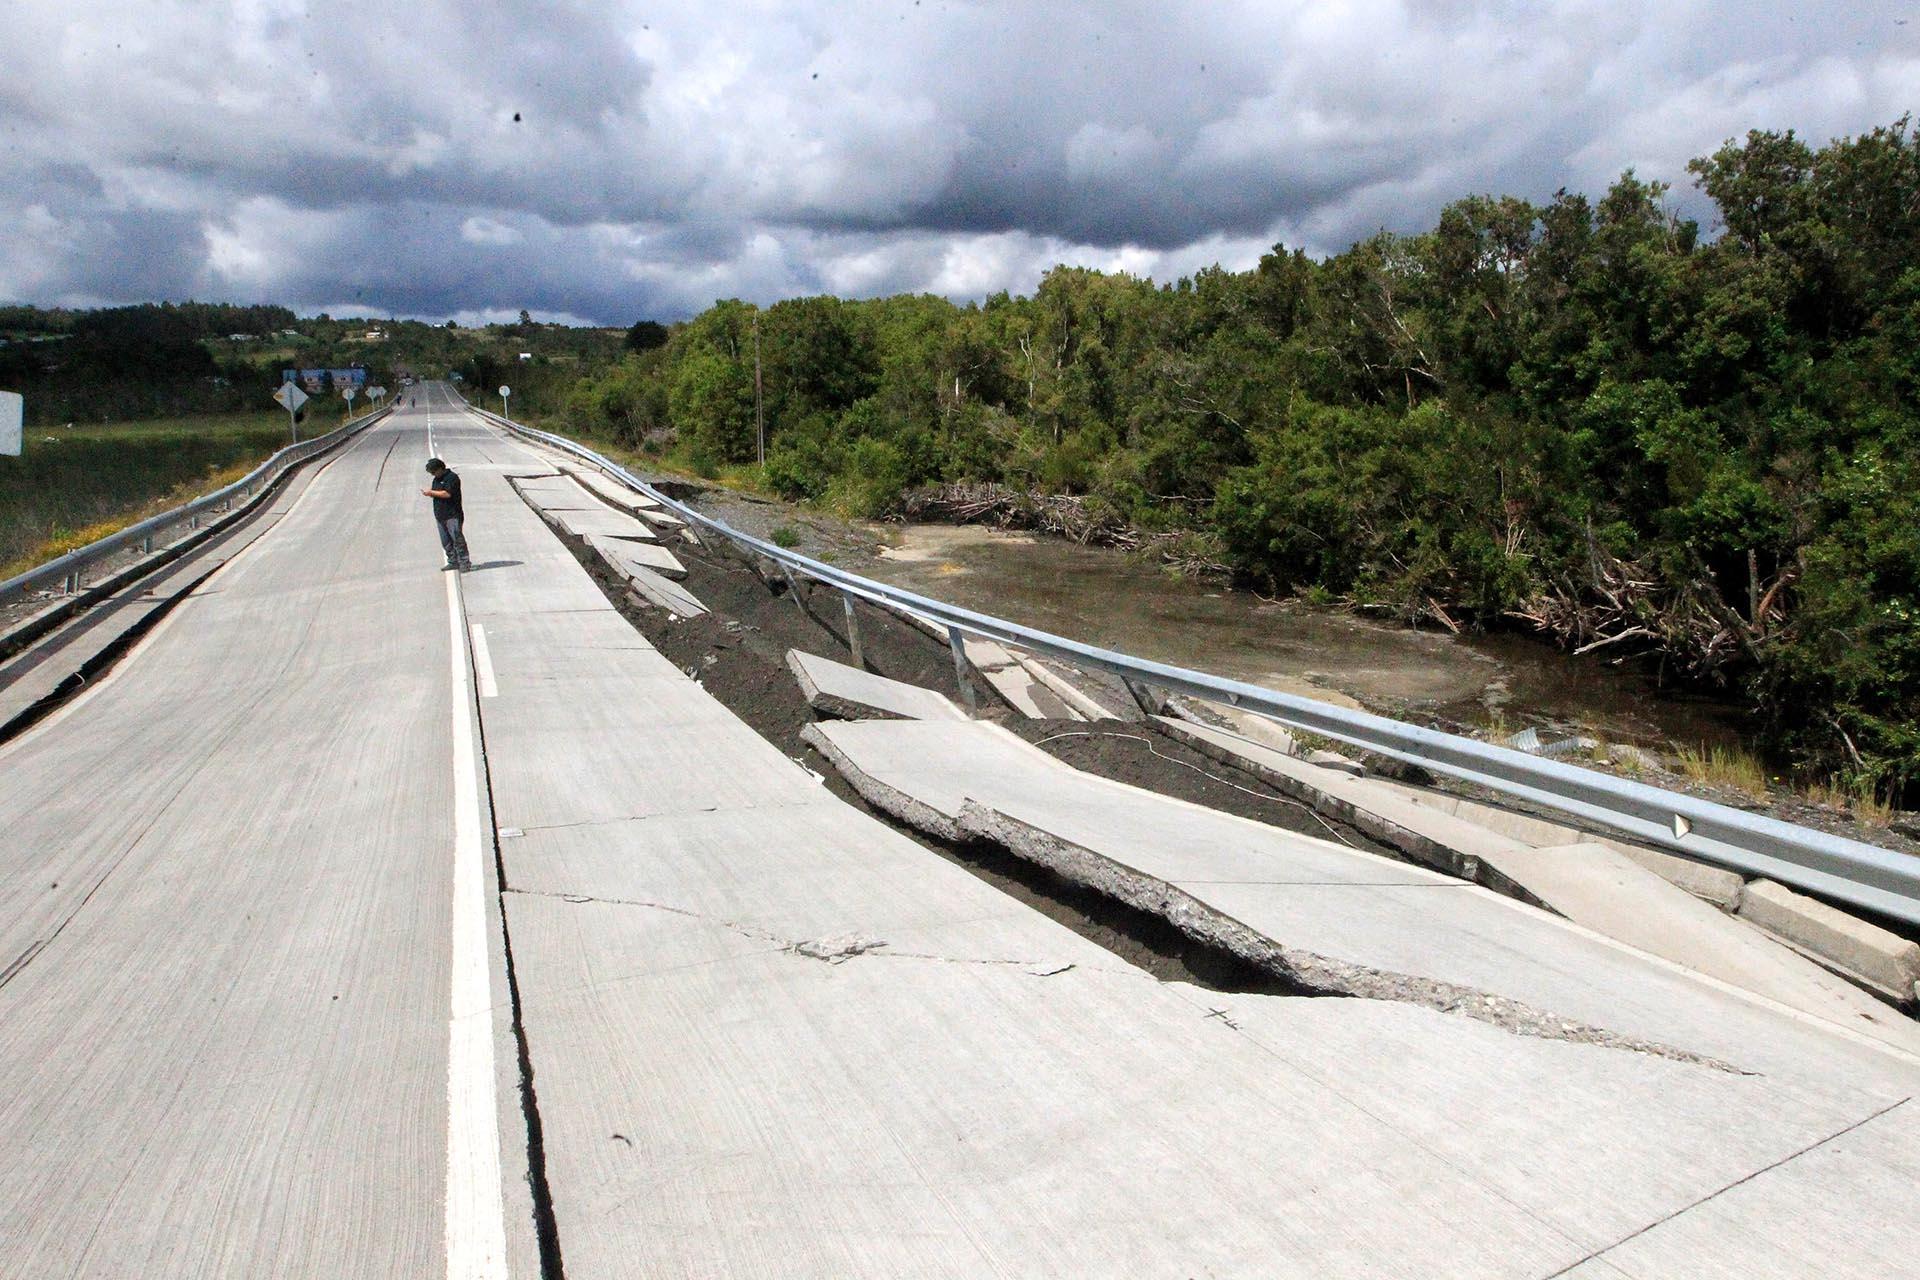 El terremoto dejó destrozos en carreteras